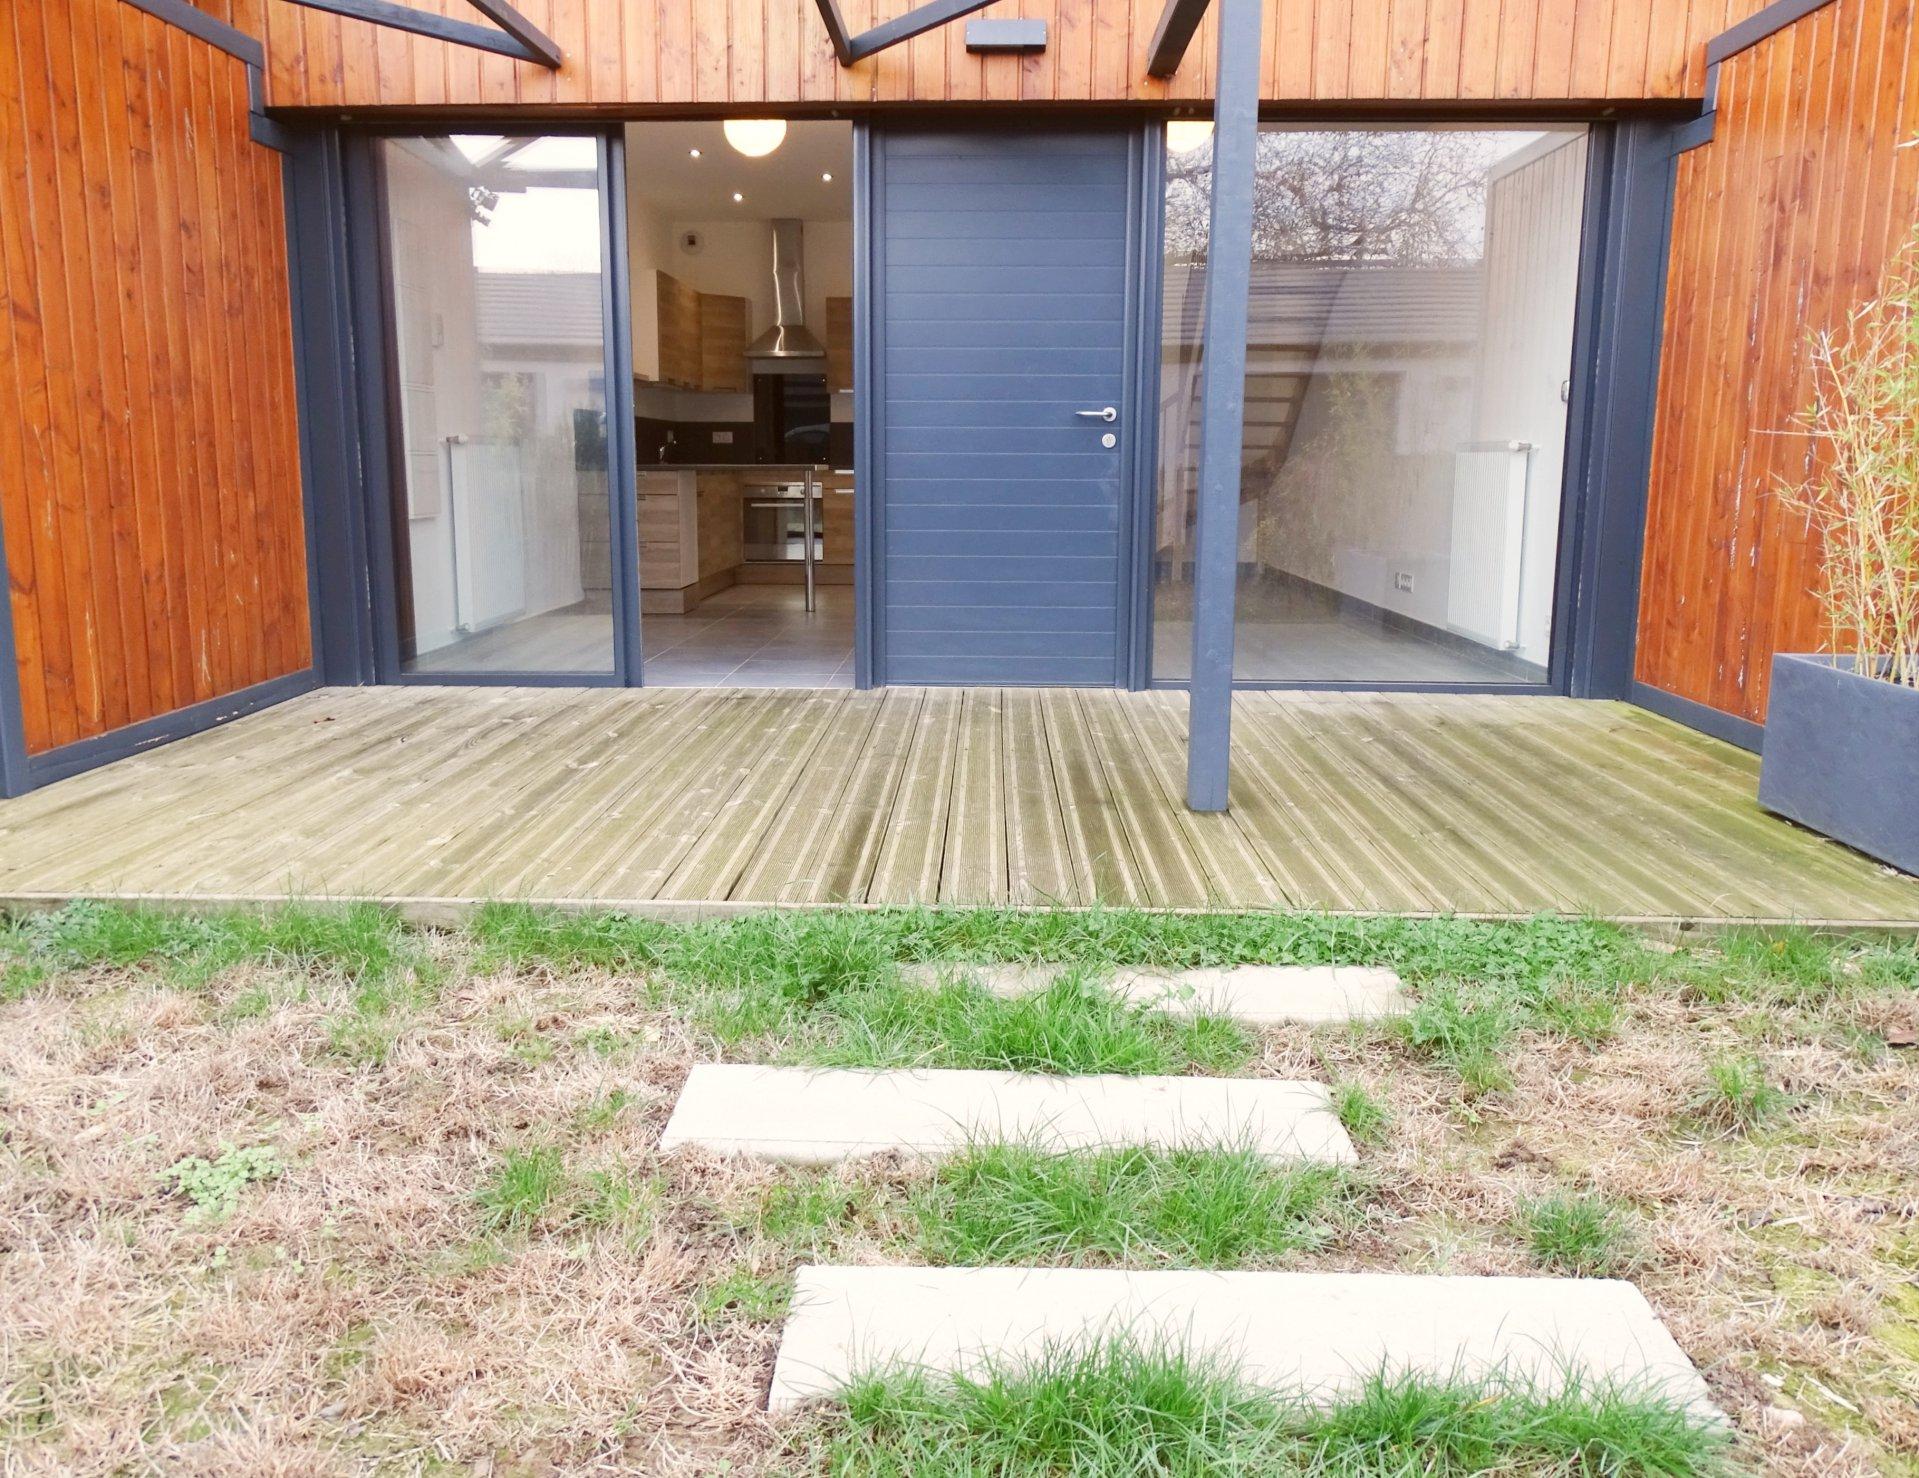 A 10 mn de Mâcon, dans une belle copropriété de 2015 moderne et sécurisée (projet fait par un cabinet d'architecte), appartement en duplex avec jardin.  Il dispose d'une grande pièce de vie avec cuisine équipée et wc indépendant, puis de deux chambres avec placard et d'une jolie salle de douche à l'étage.  Très lumineux grâce à ses baies vitrées, il s'ouvre directement sur un jardinet de 35 m² avec une grande terrasse.  Vendu avec un garage fermé, une place de stationnement ainsi qu'une petite parcelle de jardin pouvant être transformée en potager.  Coup de c?ur assuré ! Syndic libre - charge de 100 ? / an (entretien portail, espaces verts) Honoraires à charge vendeurs